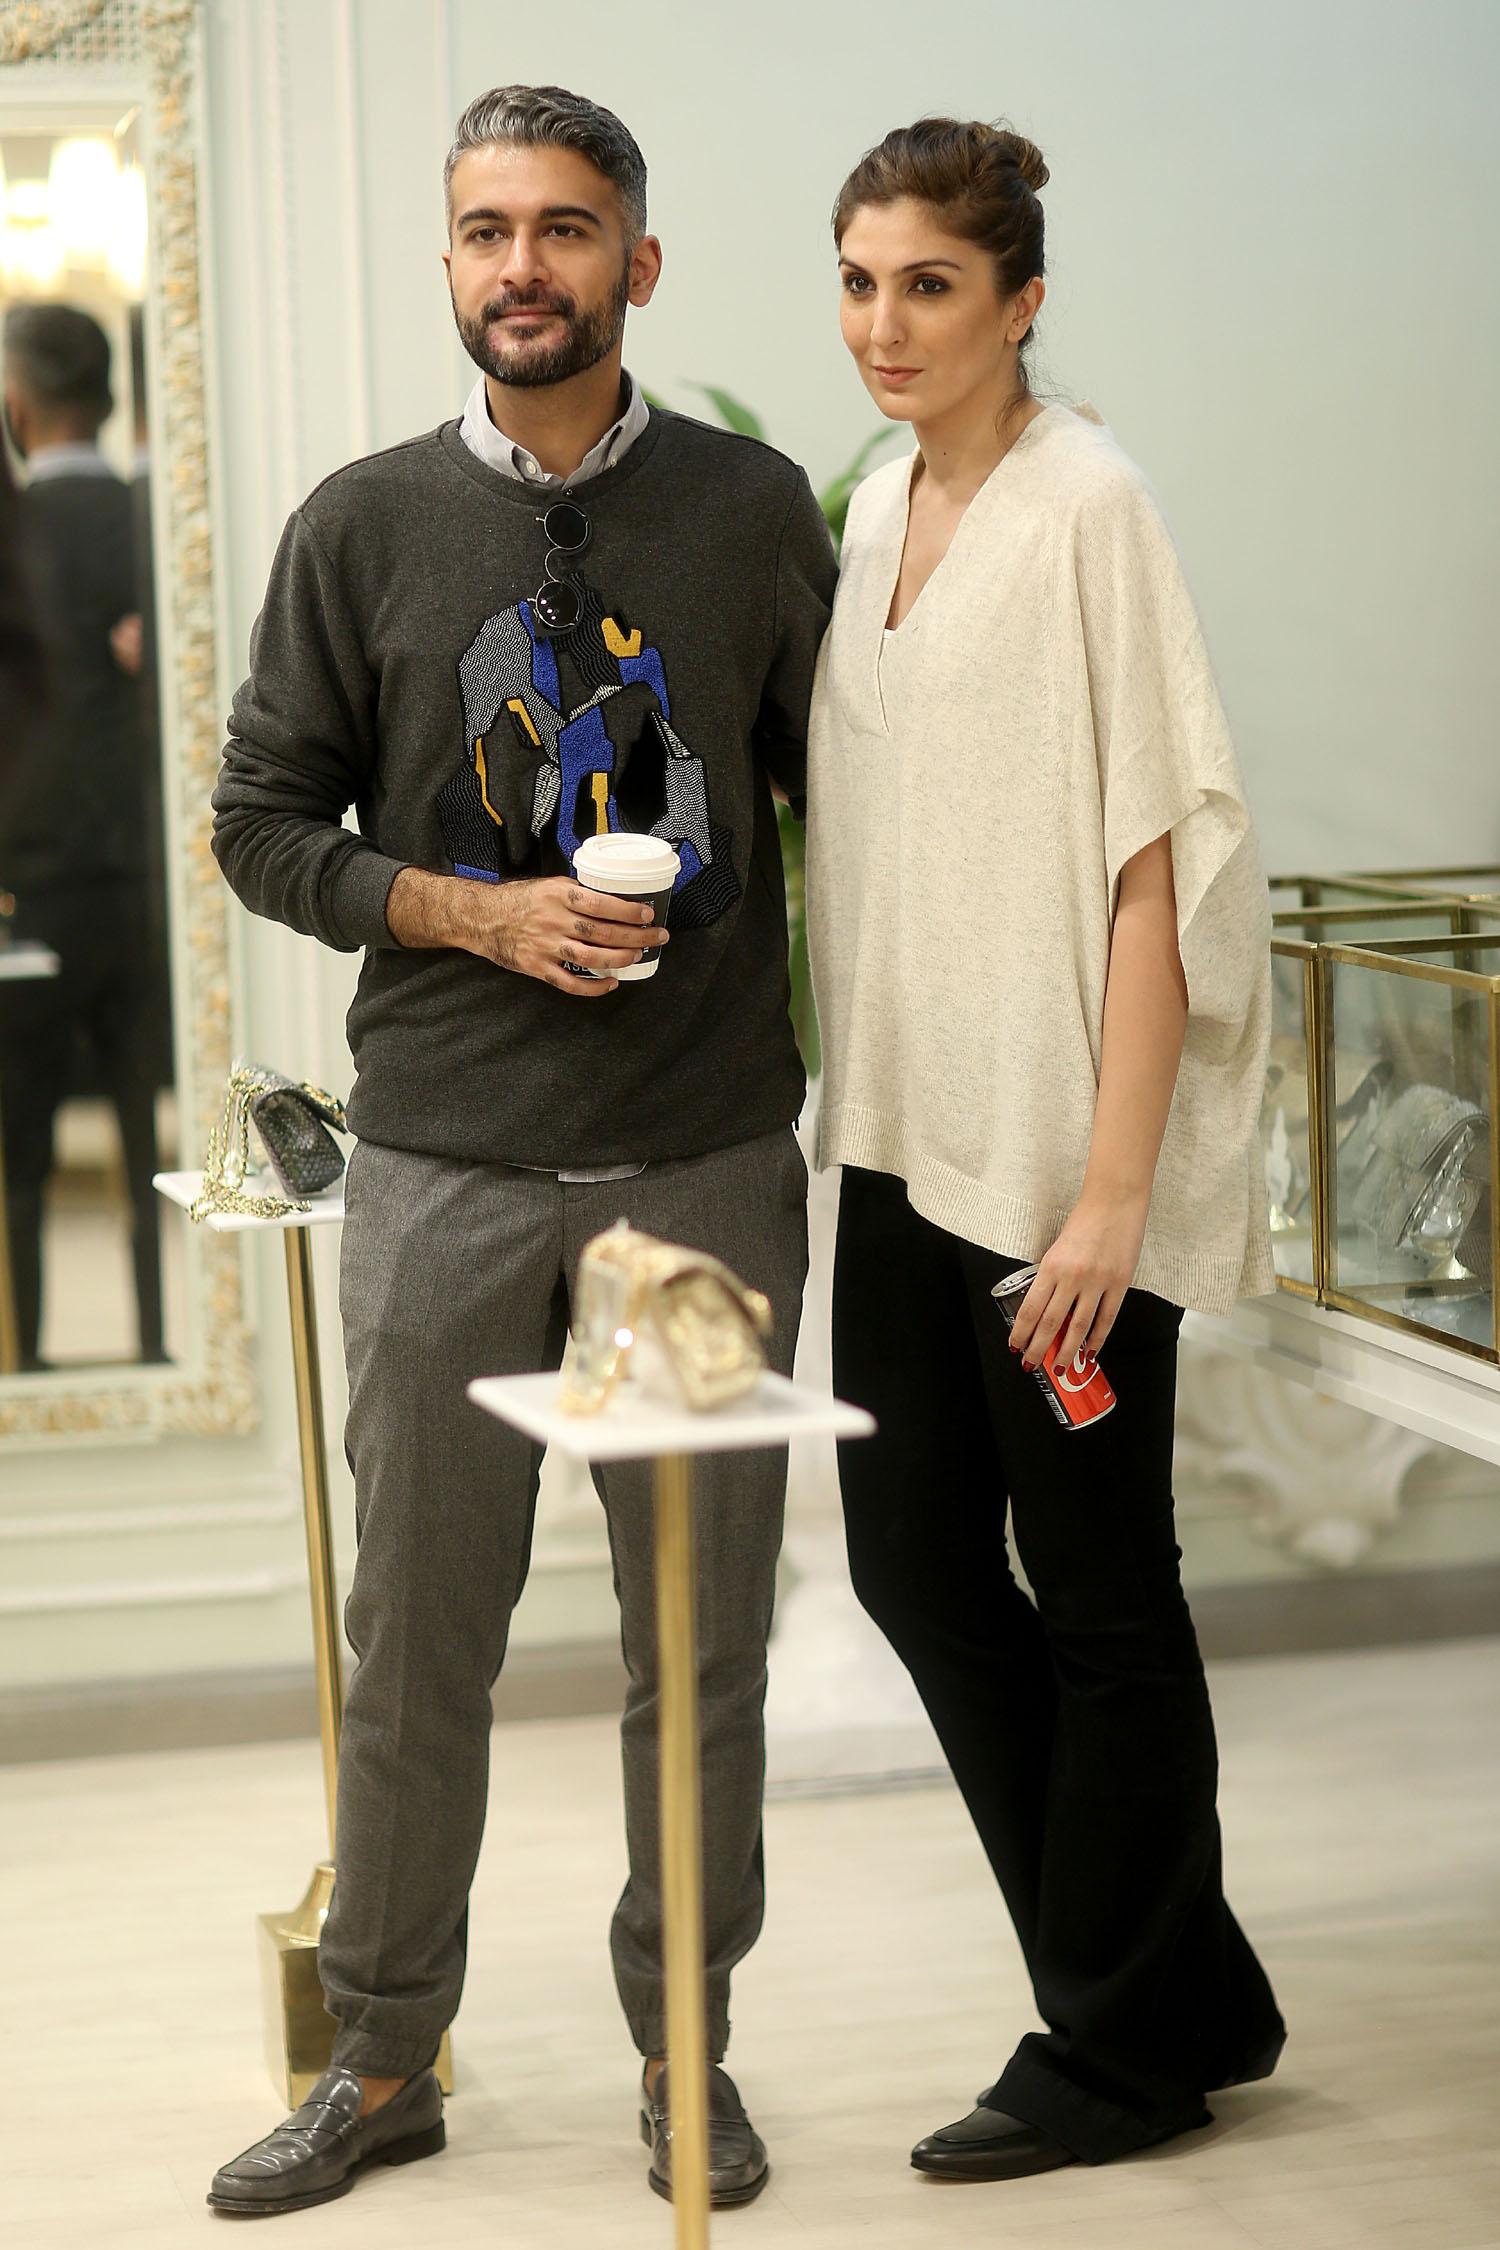 Khadija Shah and Yousaf Shahbaz